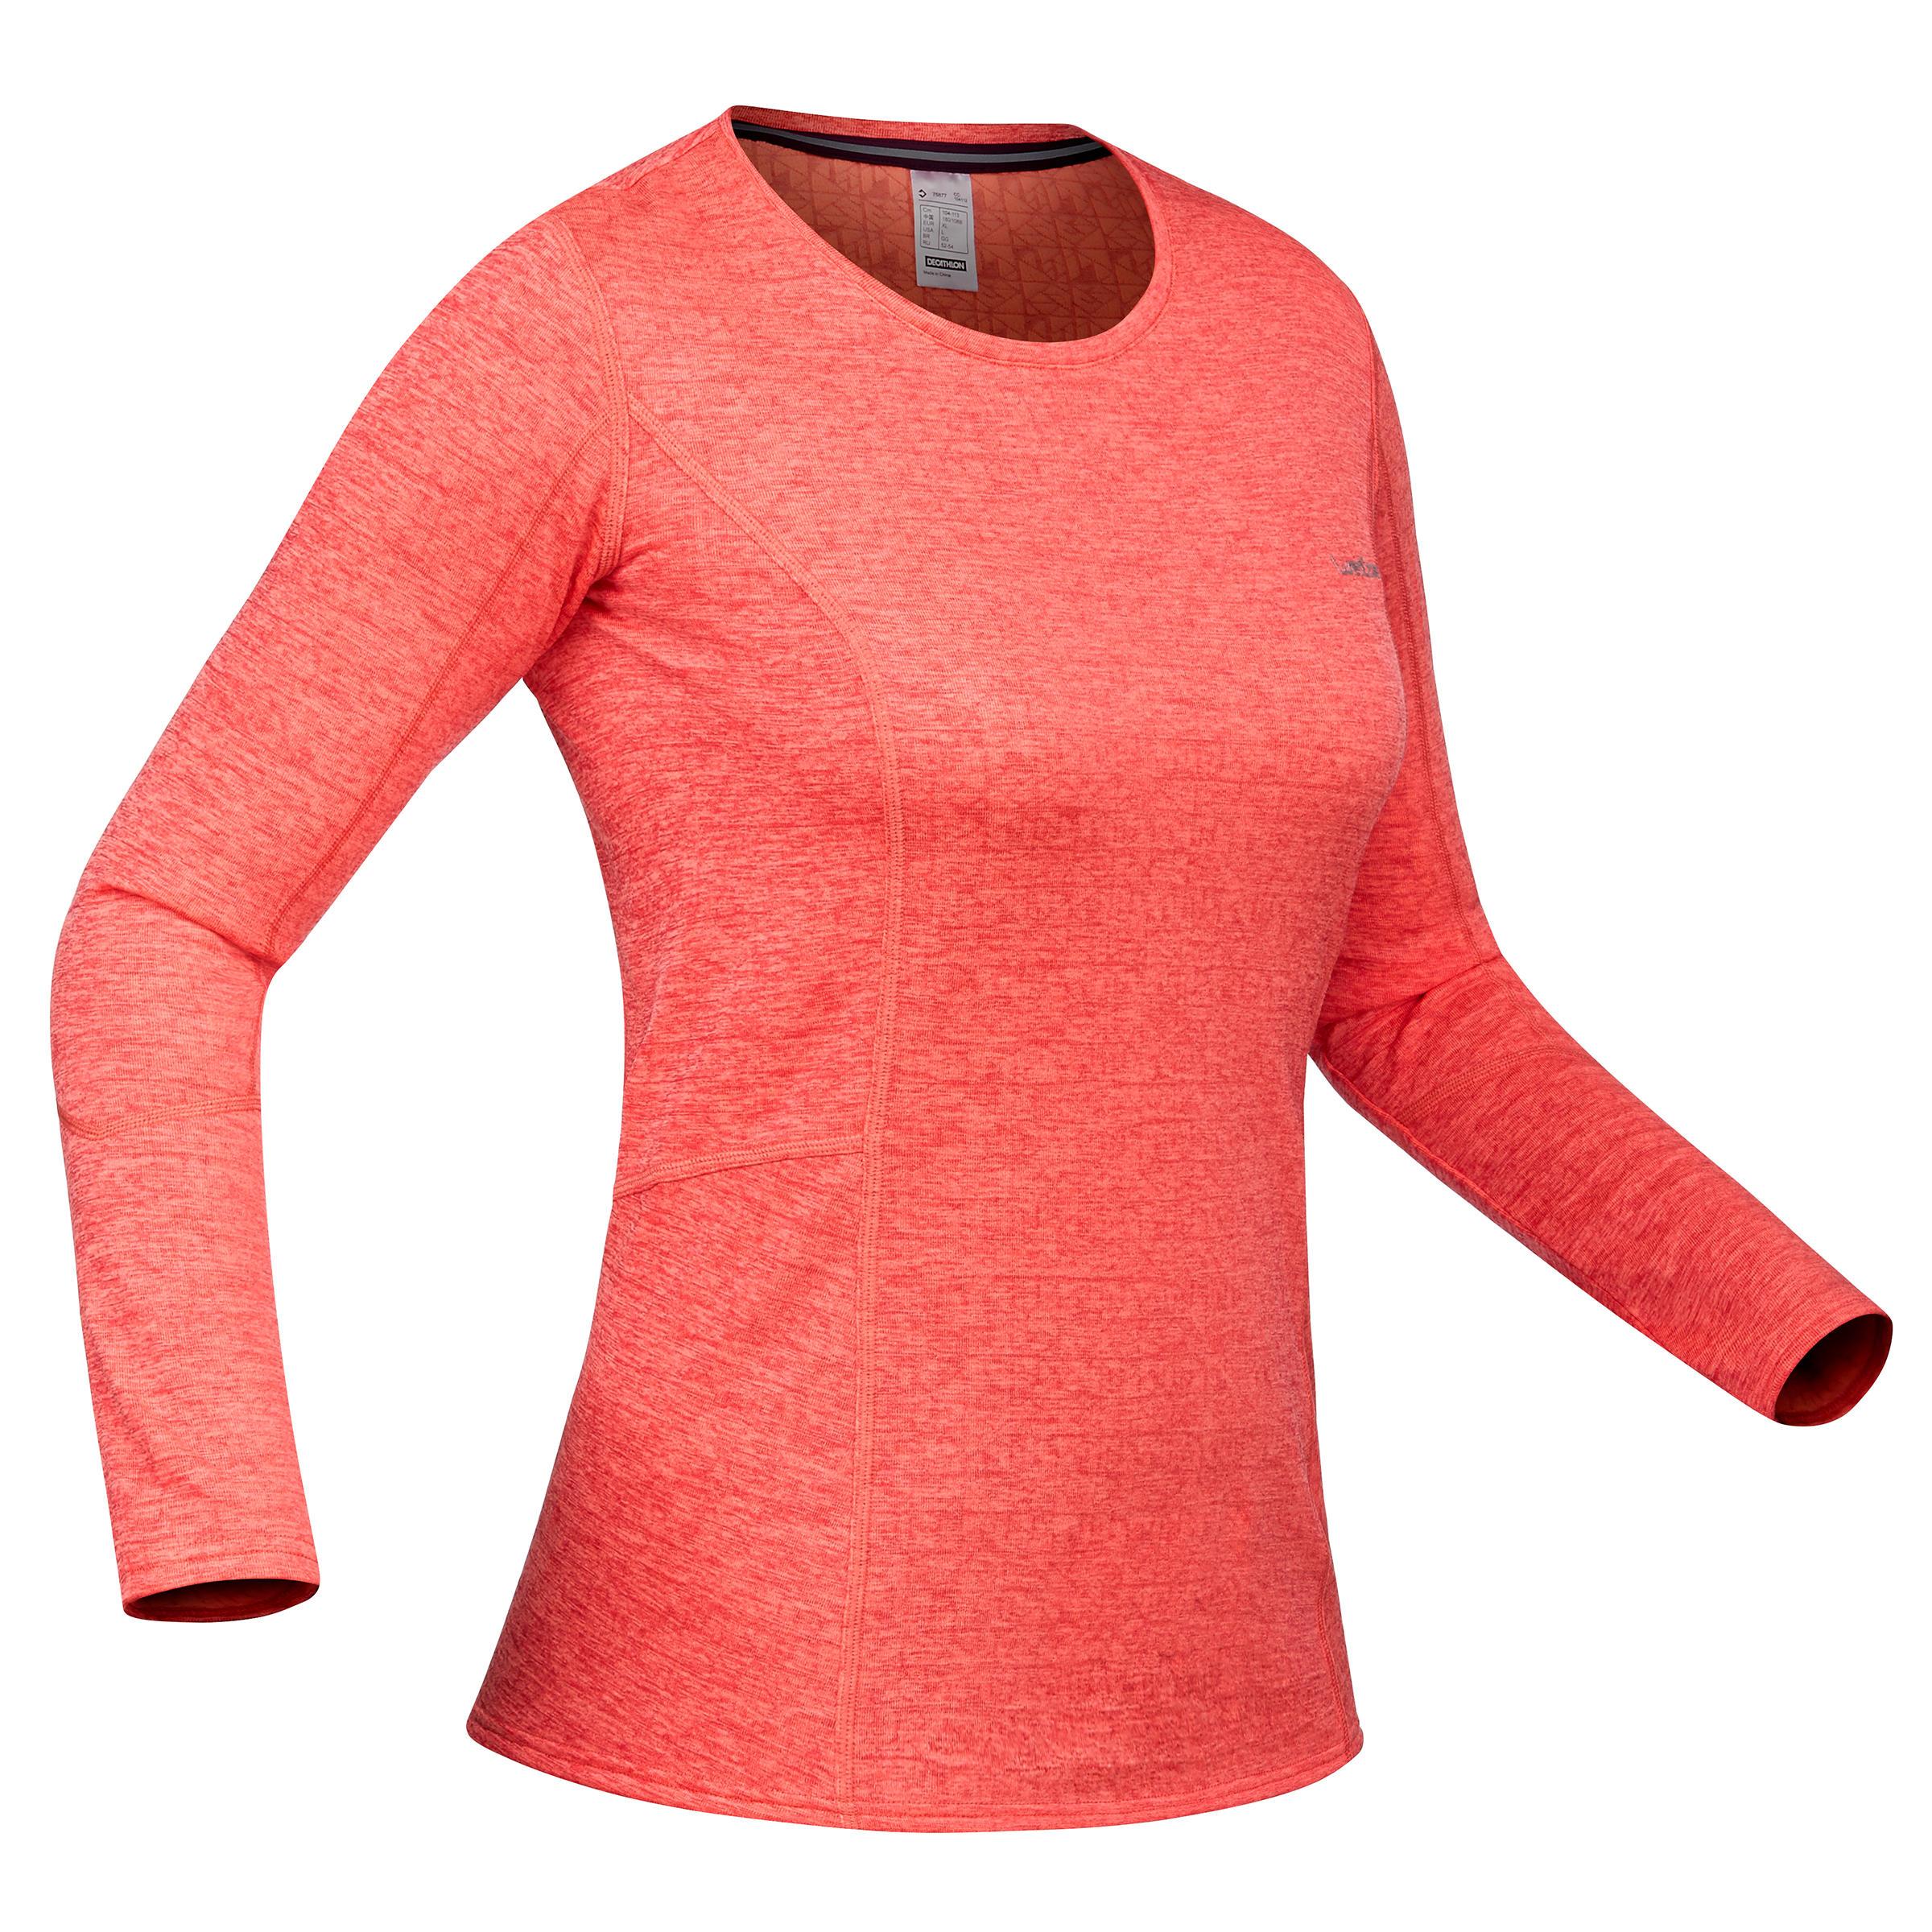 Skiunterhemd 500 Damen koralle | Sportbekleidung > Funktionswäsche > Thermounterwäsche | Rot - Rosa | Wed'ze